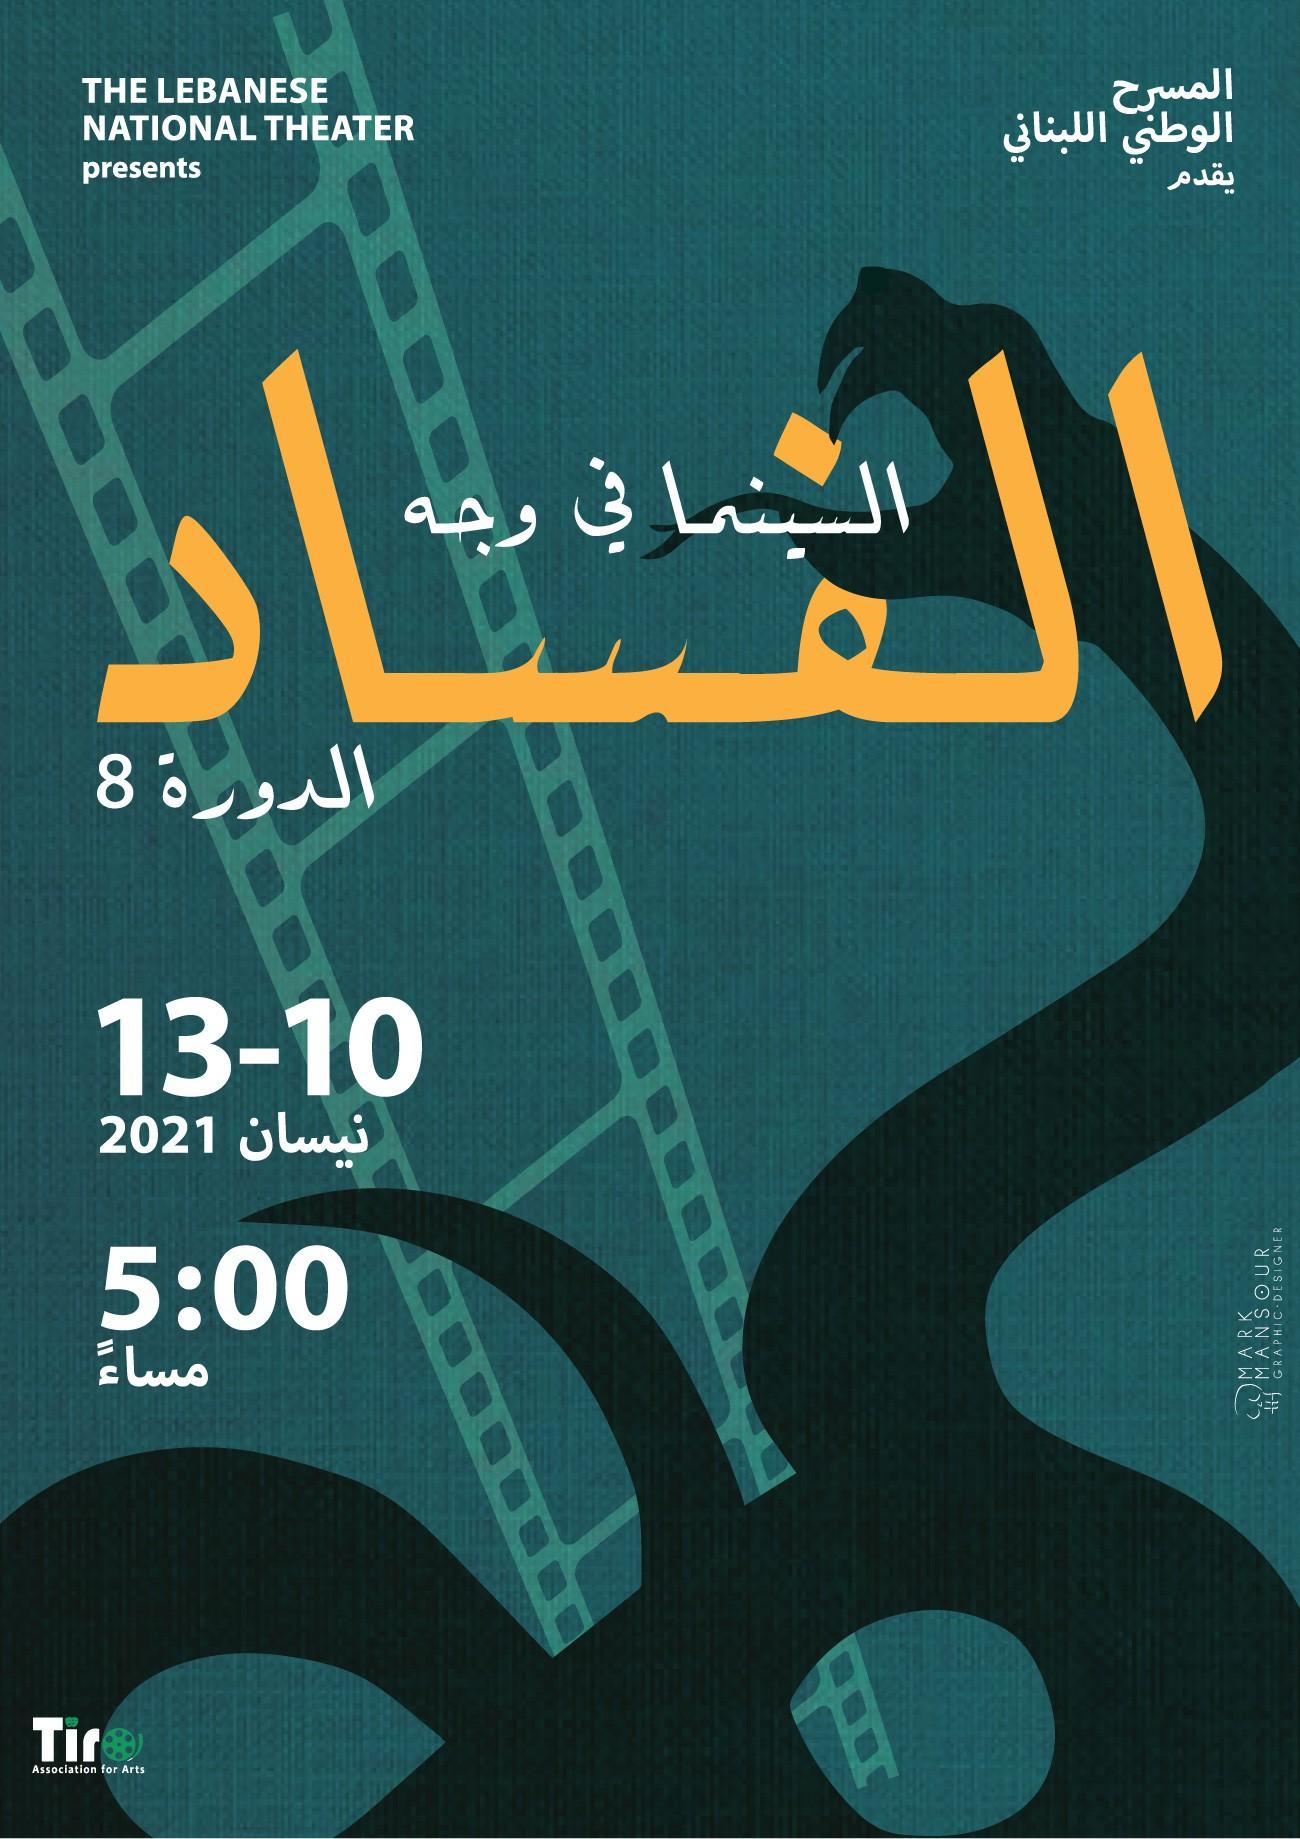 إطلاق مهرجان صور السينمائي الدولي للأفلام القصيرة  ..  السينما في وجه الفساد